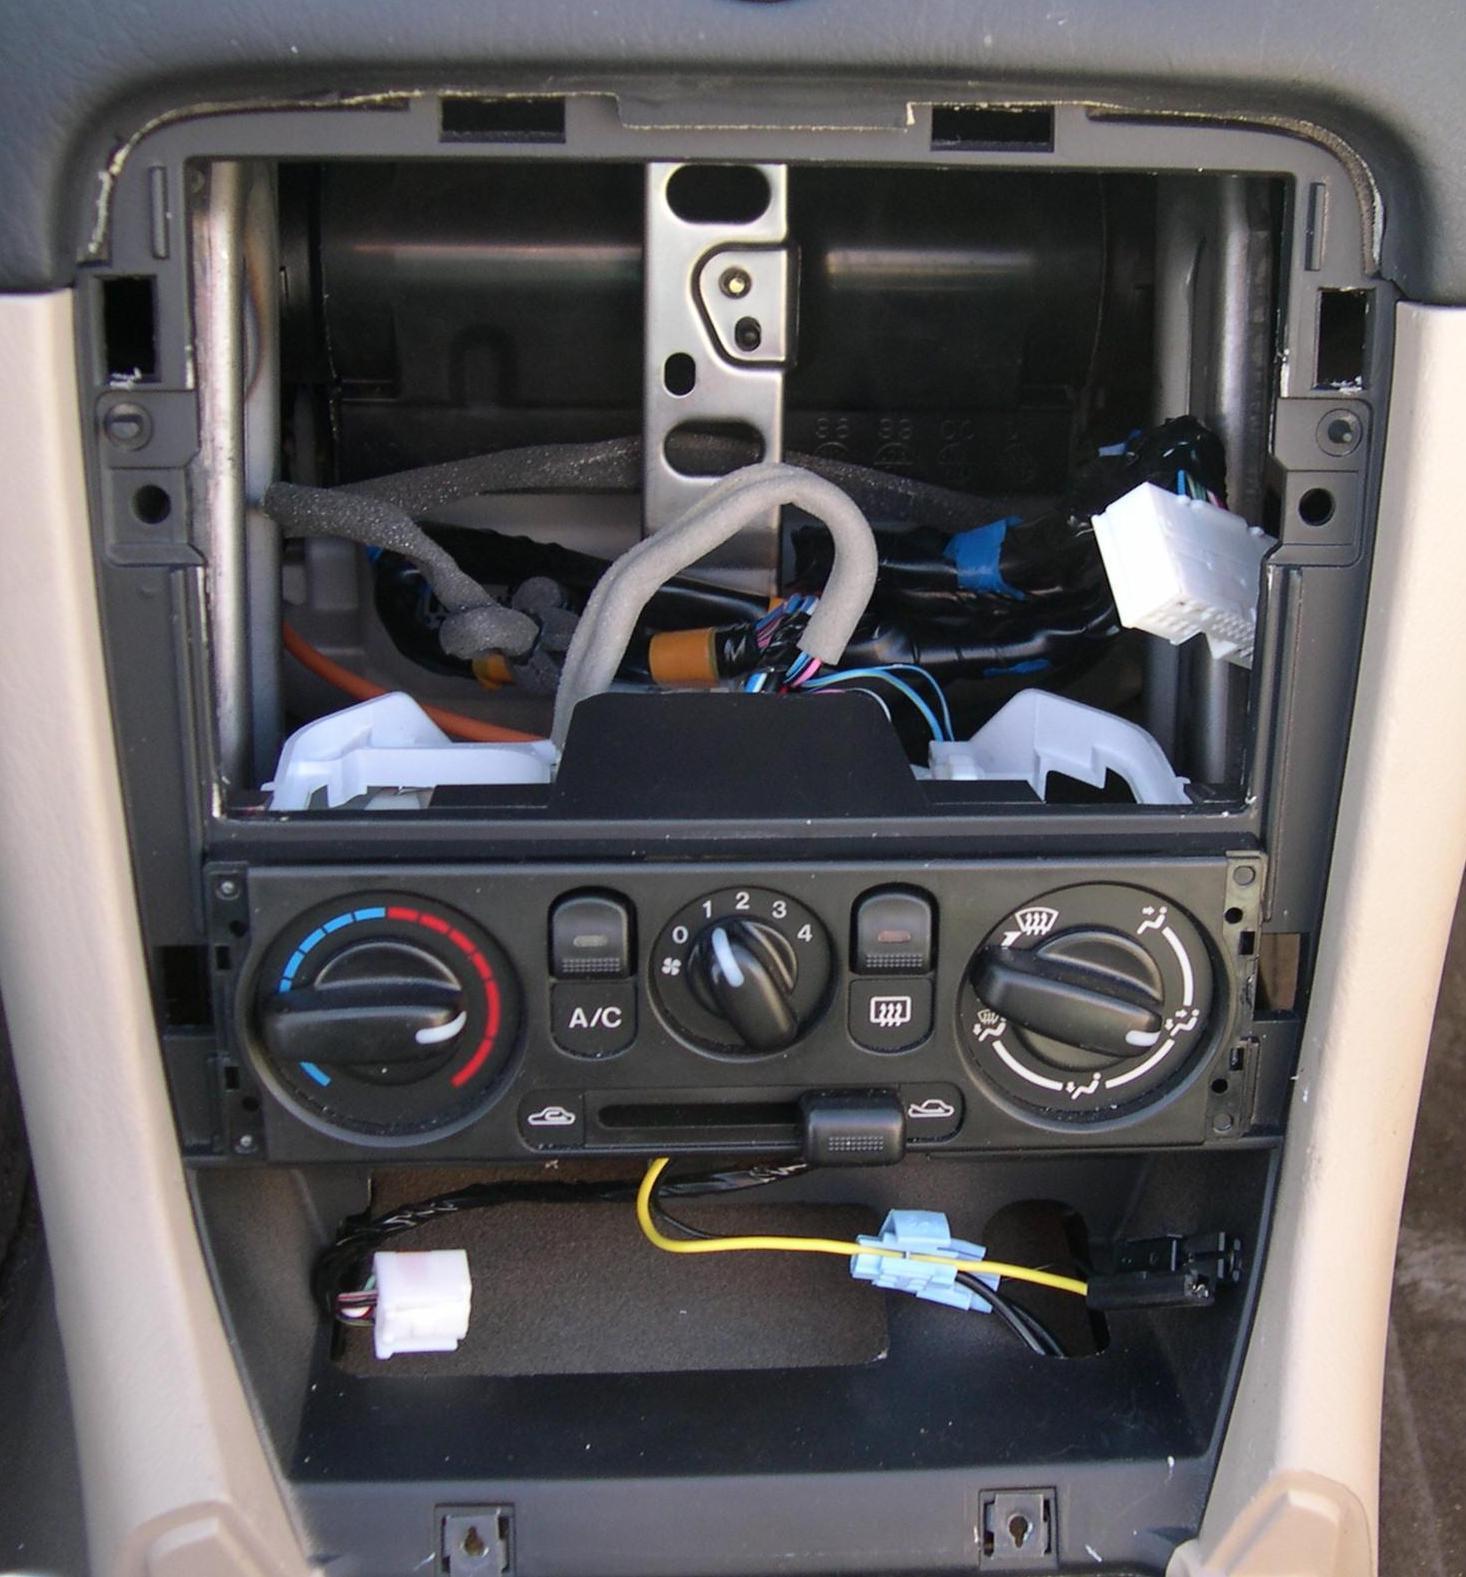 2001 Nissan Maxima Wire Harness The Mazda Nb Oem Audio System Faq